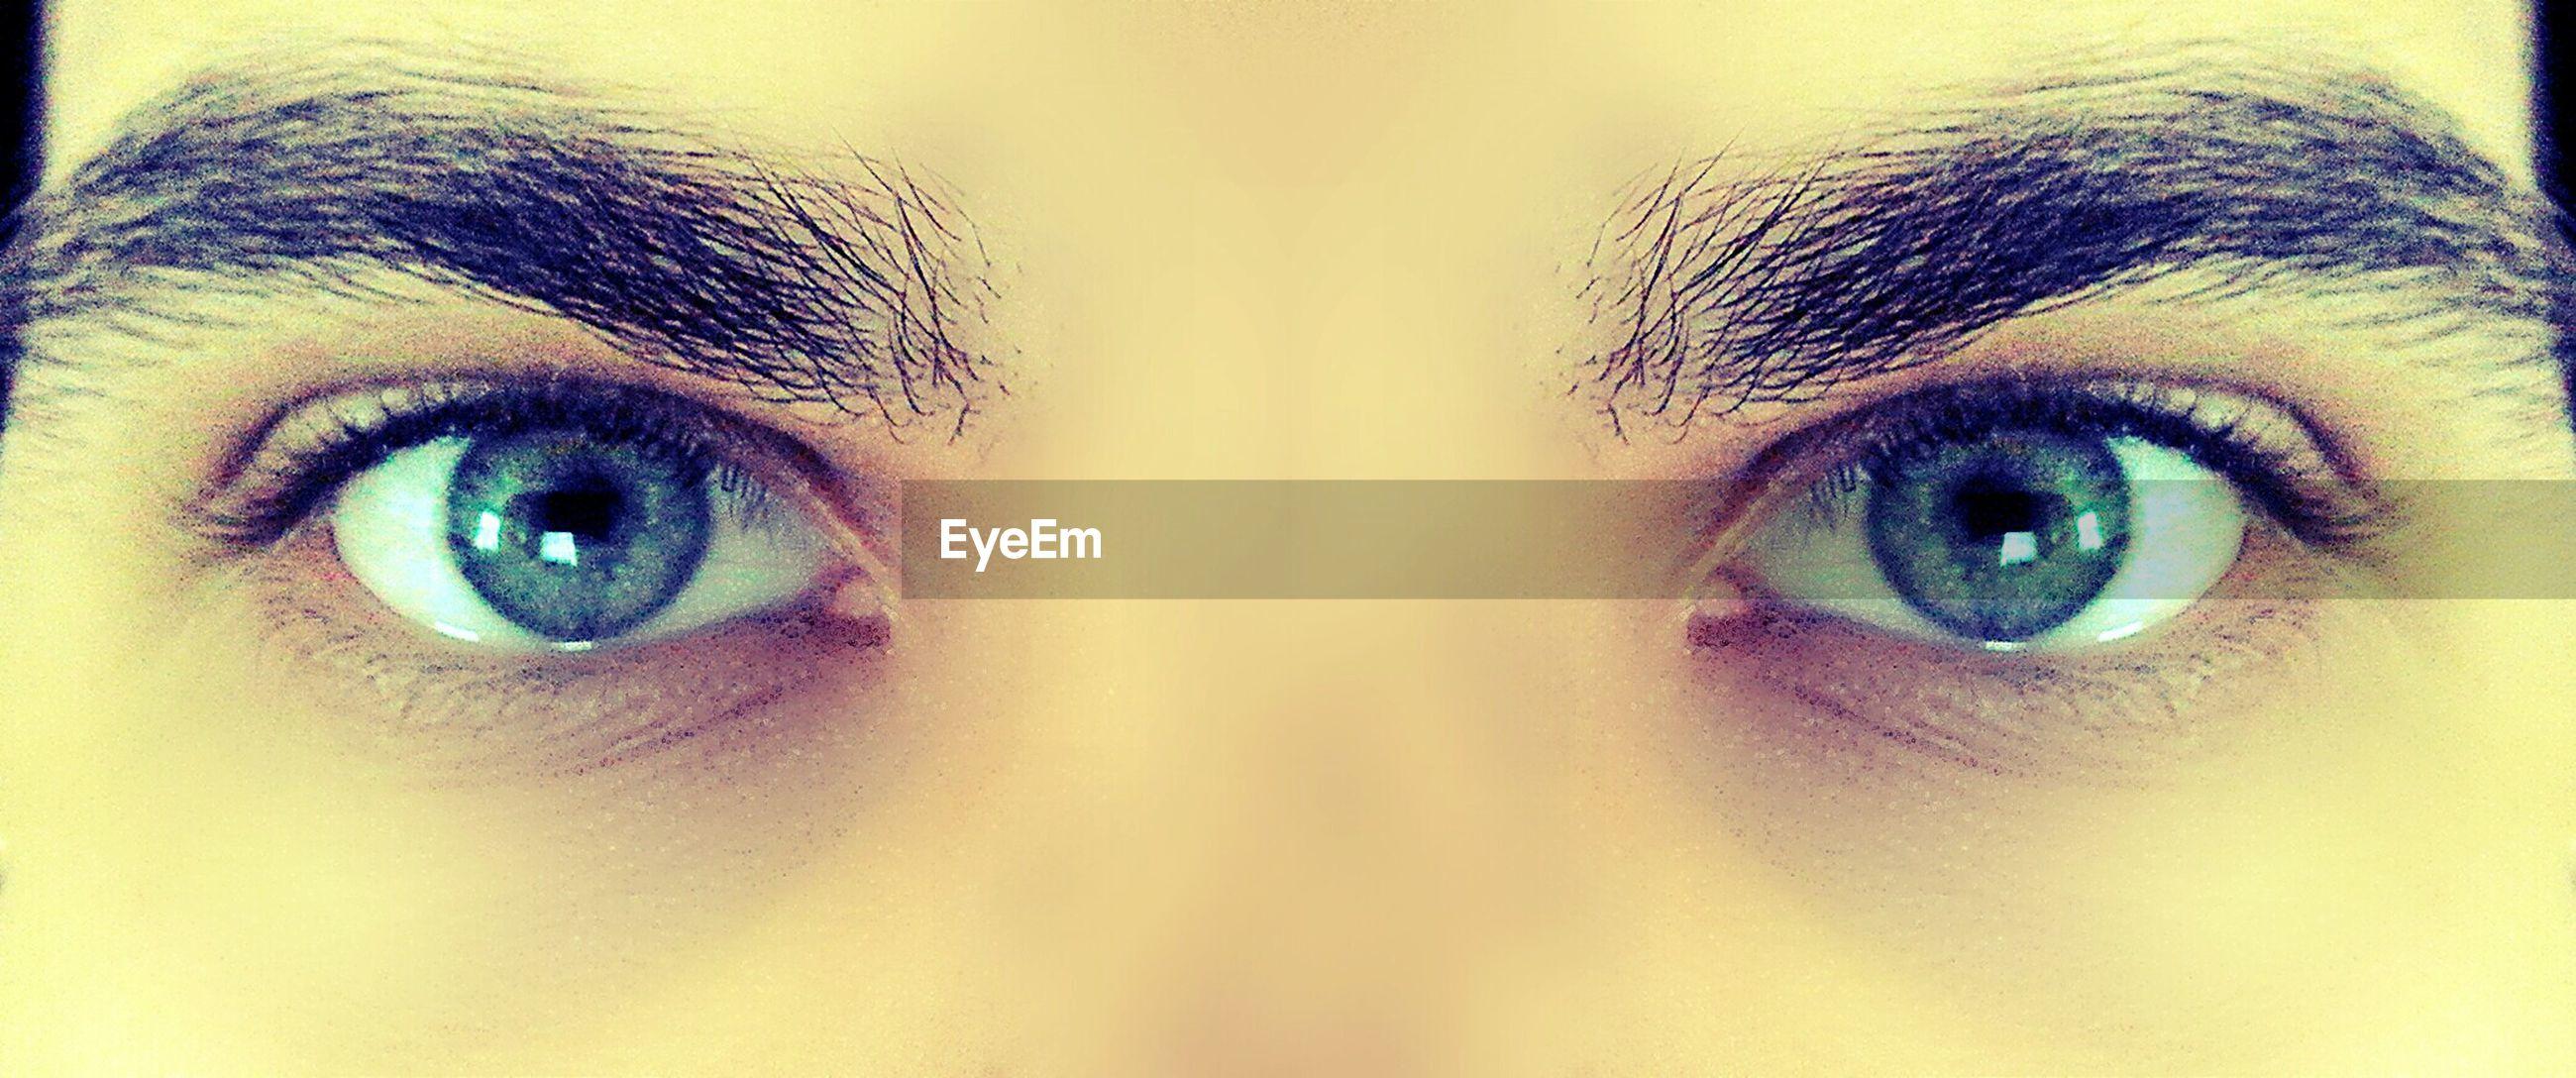 human eye, looking at camera, portrait, close-up, eyelash, eyesight, sensory perception, part of, staring, animal eye, extreme close-up, full frame, human face, blue eyes, headshot, extreme close up, eyeball